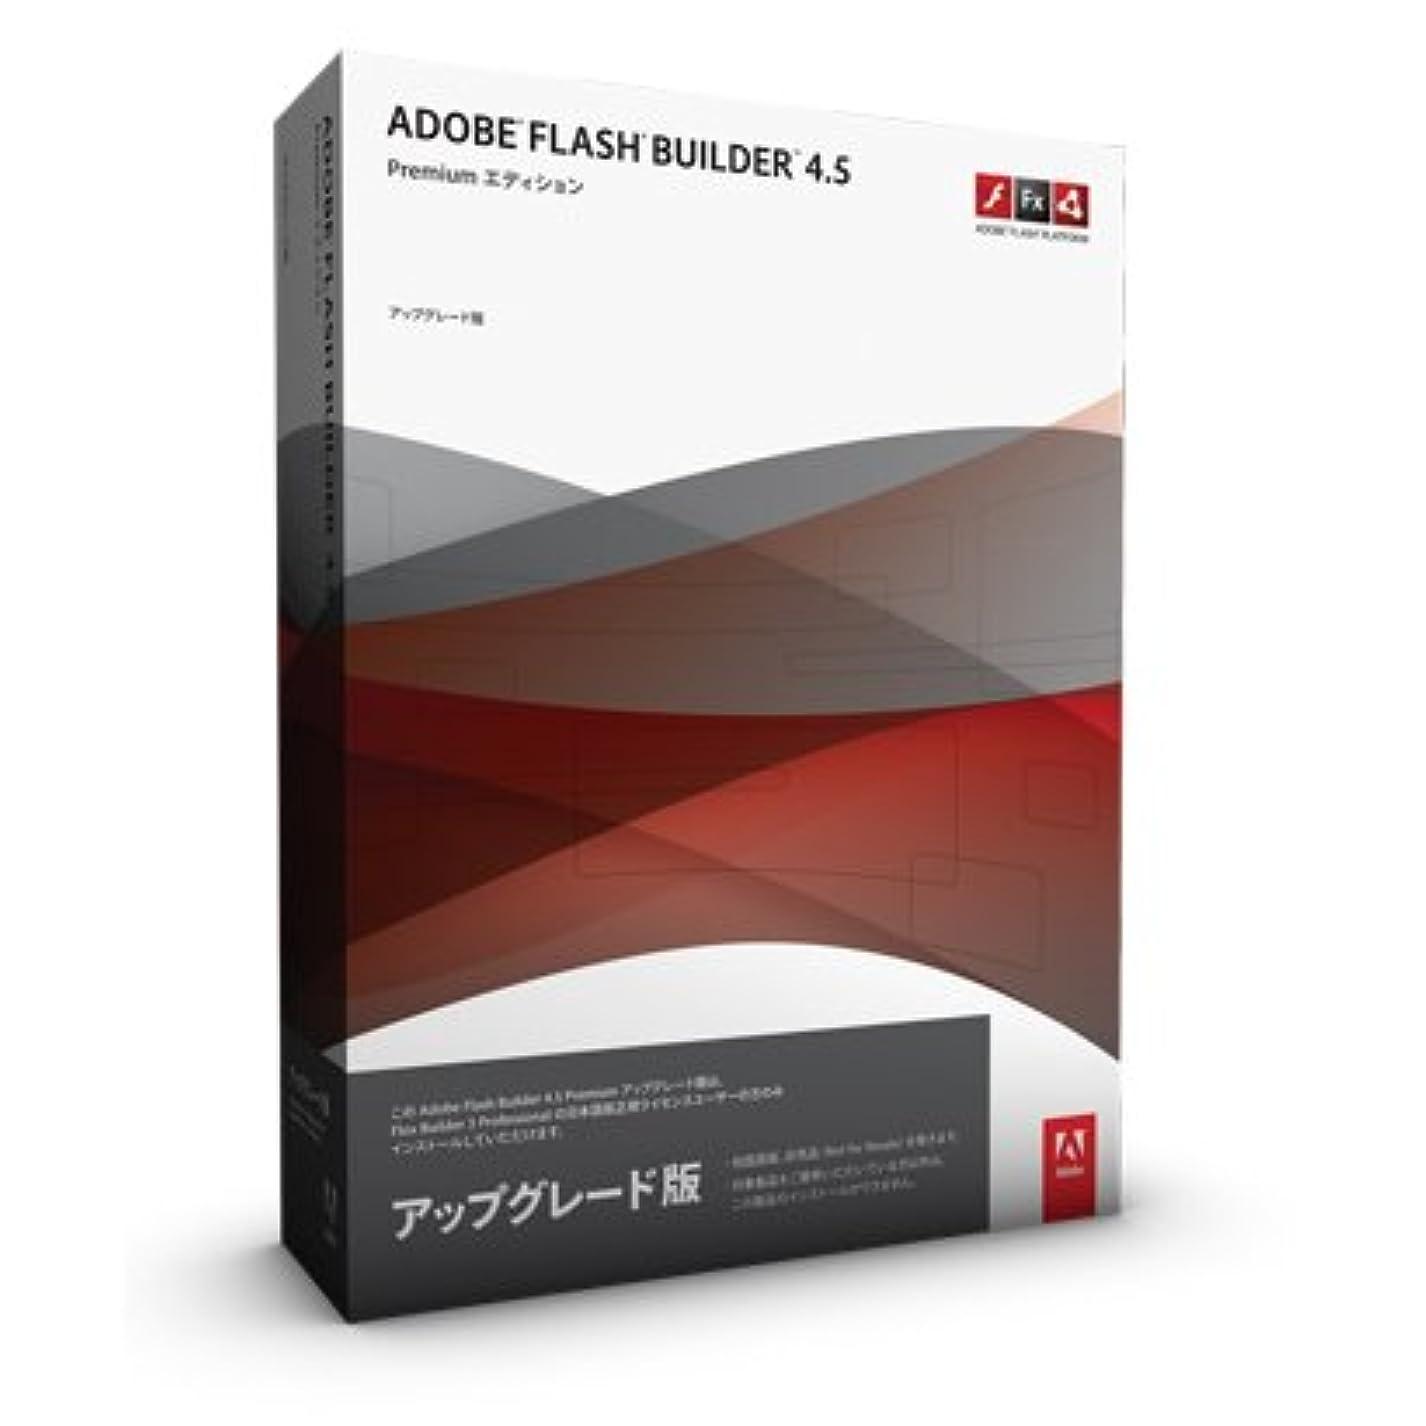 荒廃する洞窟であるFlash Builder Premium 4.6 MLP 日本語 UPG版>FBP3